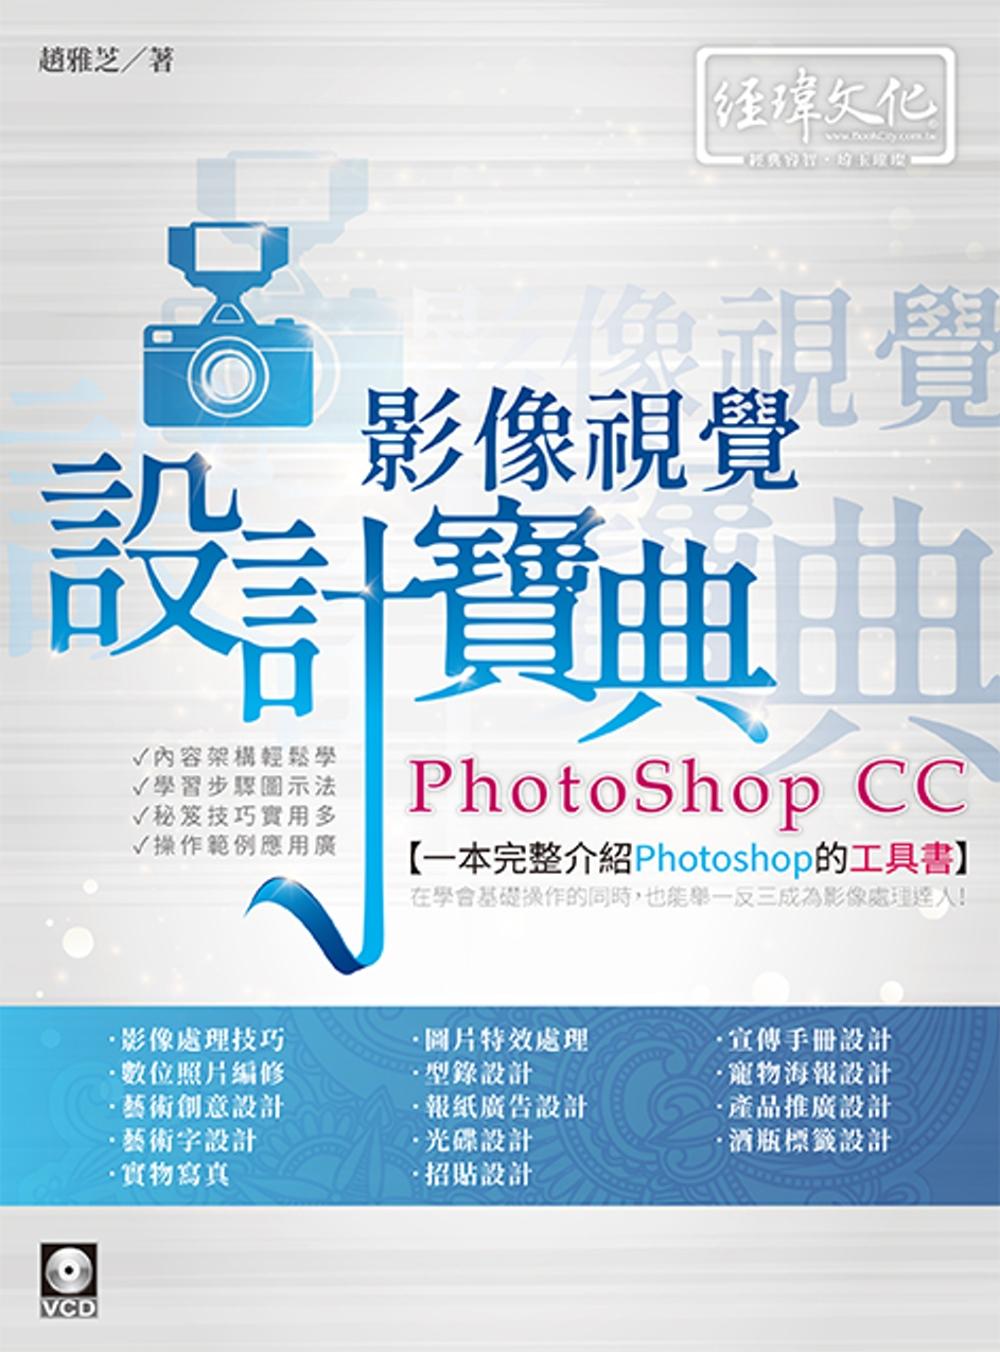 PhotoShop CC 影像...